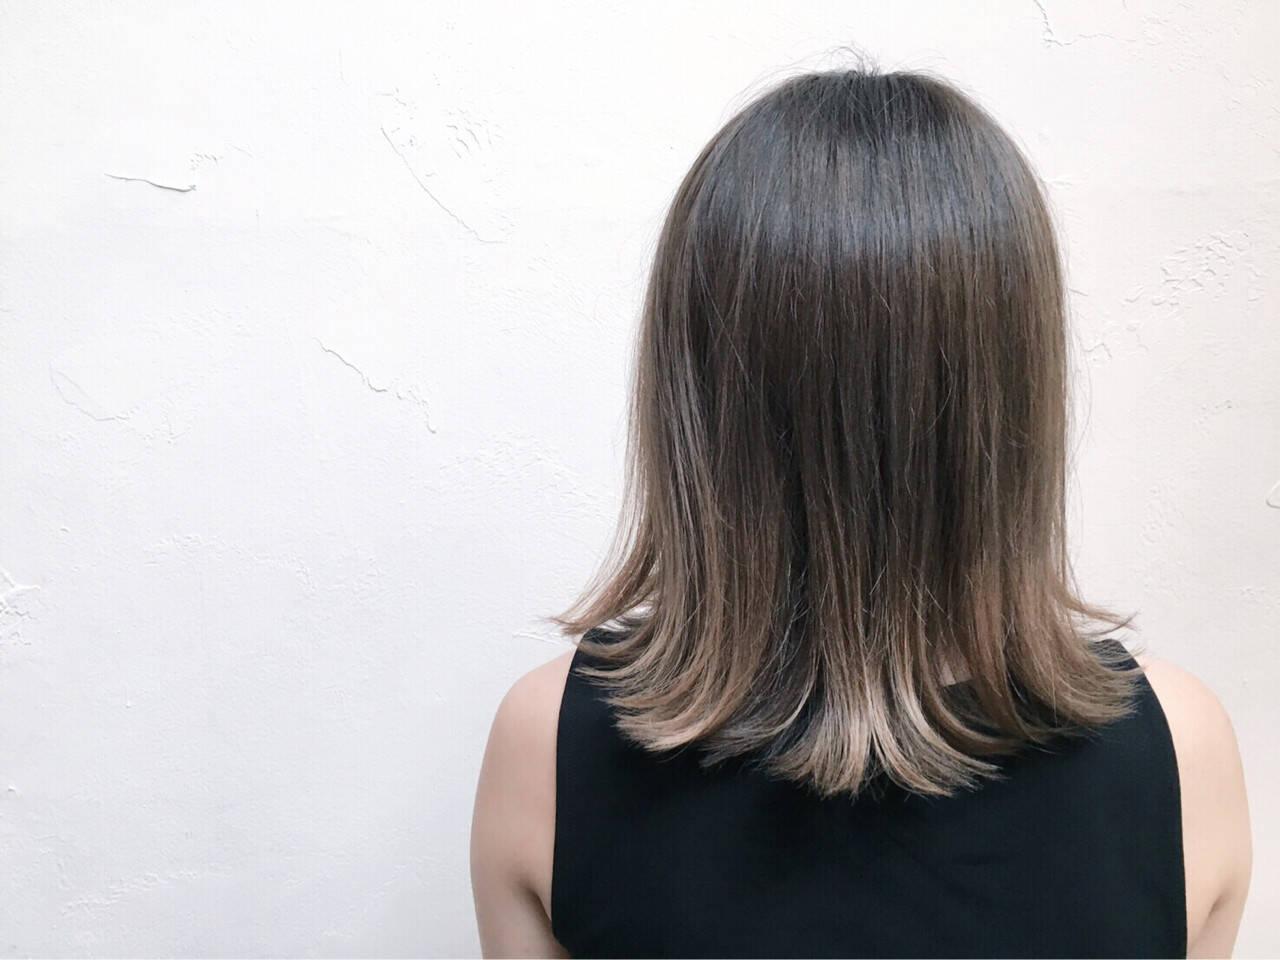 グラデーションカラー 外国人風 ボブ アッシュヘアスタイルや髪型の写真・画像